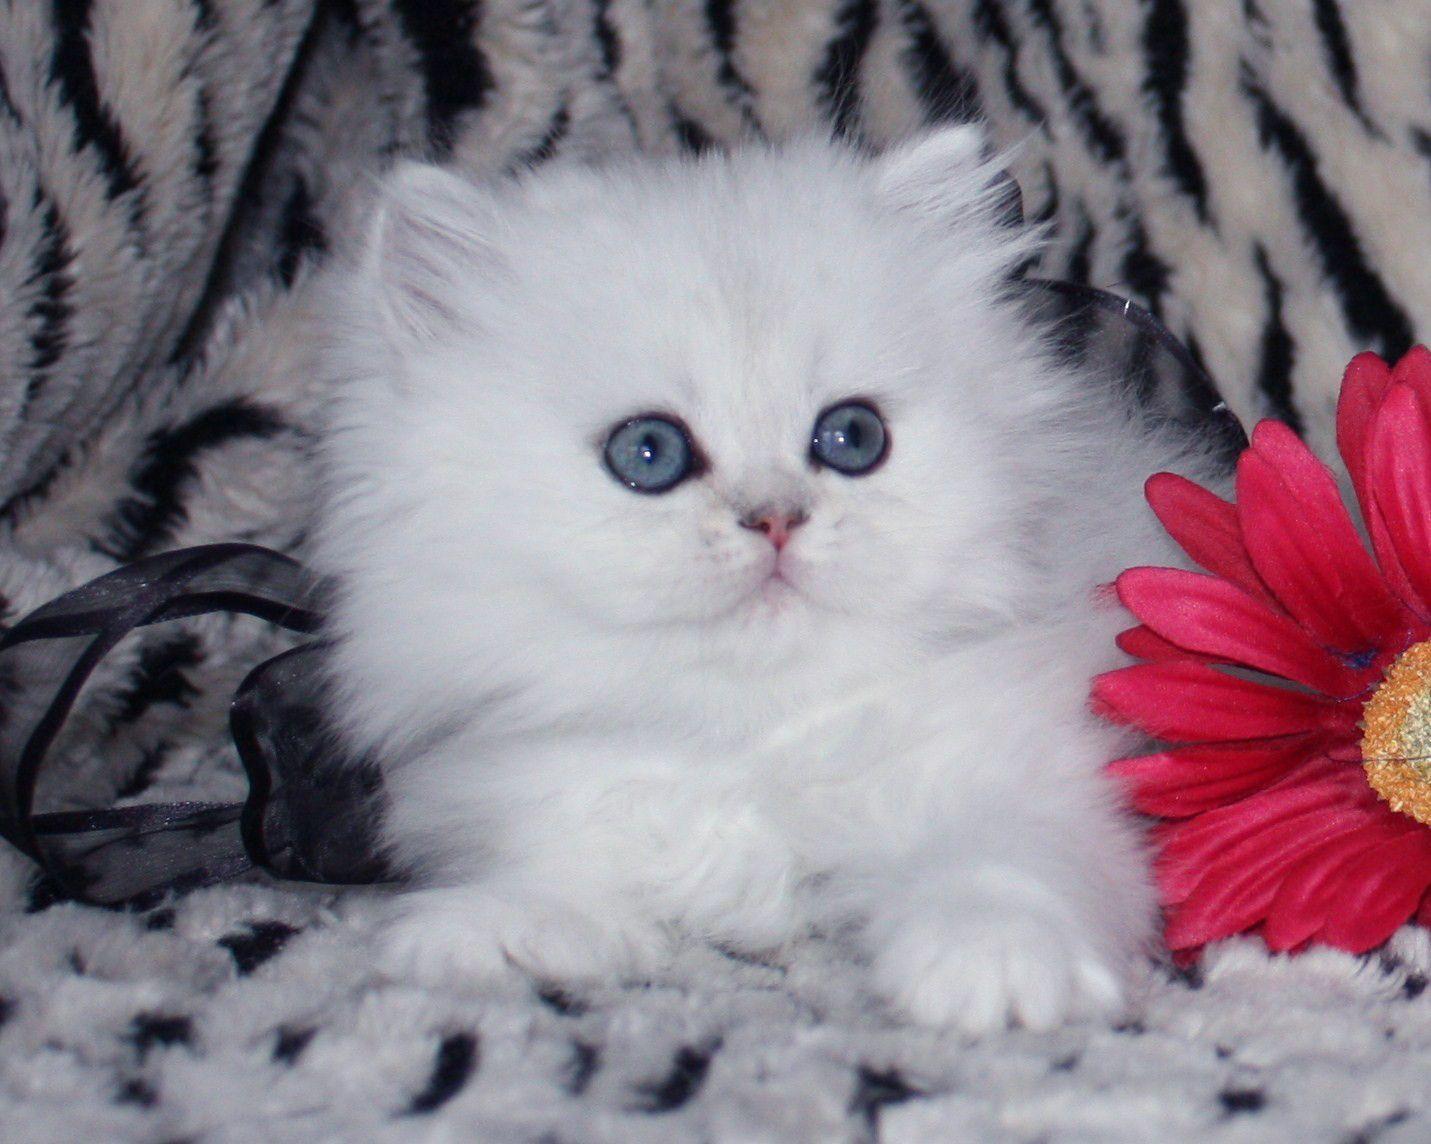 Miao! Miao! Miao! 44 Super Cute White Kitten, enjoy